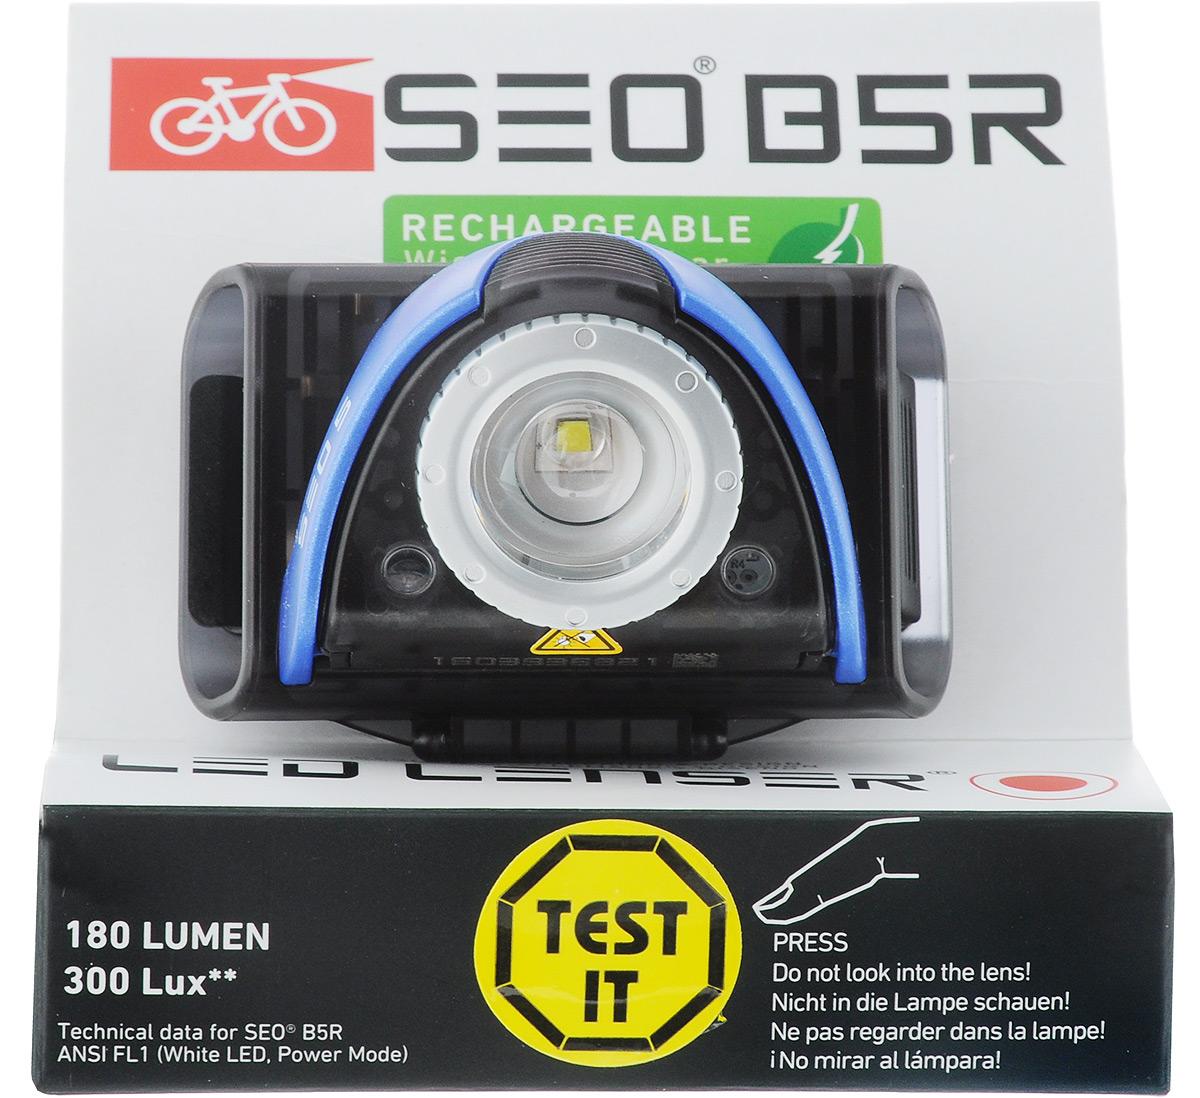 Фонарь велосипедный LED LENSER SEO B5R, передний, с зарядкой от USB9005-RBПередний велофонарь LED LENSER SEO B5R предназначен для обеспечения большей безопасности при поездках в темное время суток. Он легко крепится и снимается без дополнительных инструментов на основу диаметром 1-3 см. Корпус изделия выполнен из прочного пластика. Фонарь имеет 3 режима: 2 вида яркости свечения и мигание. Фонарь питается от литий-ионного аккумулятора, заряжающегося от компьютера при помощи встроенного USB. Время свечения: 5-20 ч. Дальность свечения: 120 м. Размер фонаря (без учета крепления): 7 х 6 х 4,5 см.